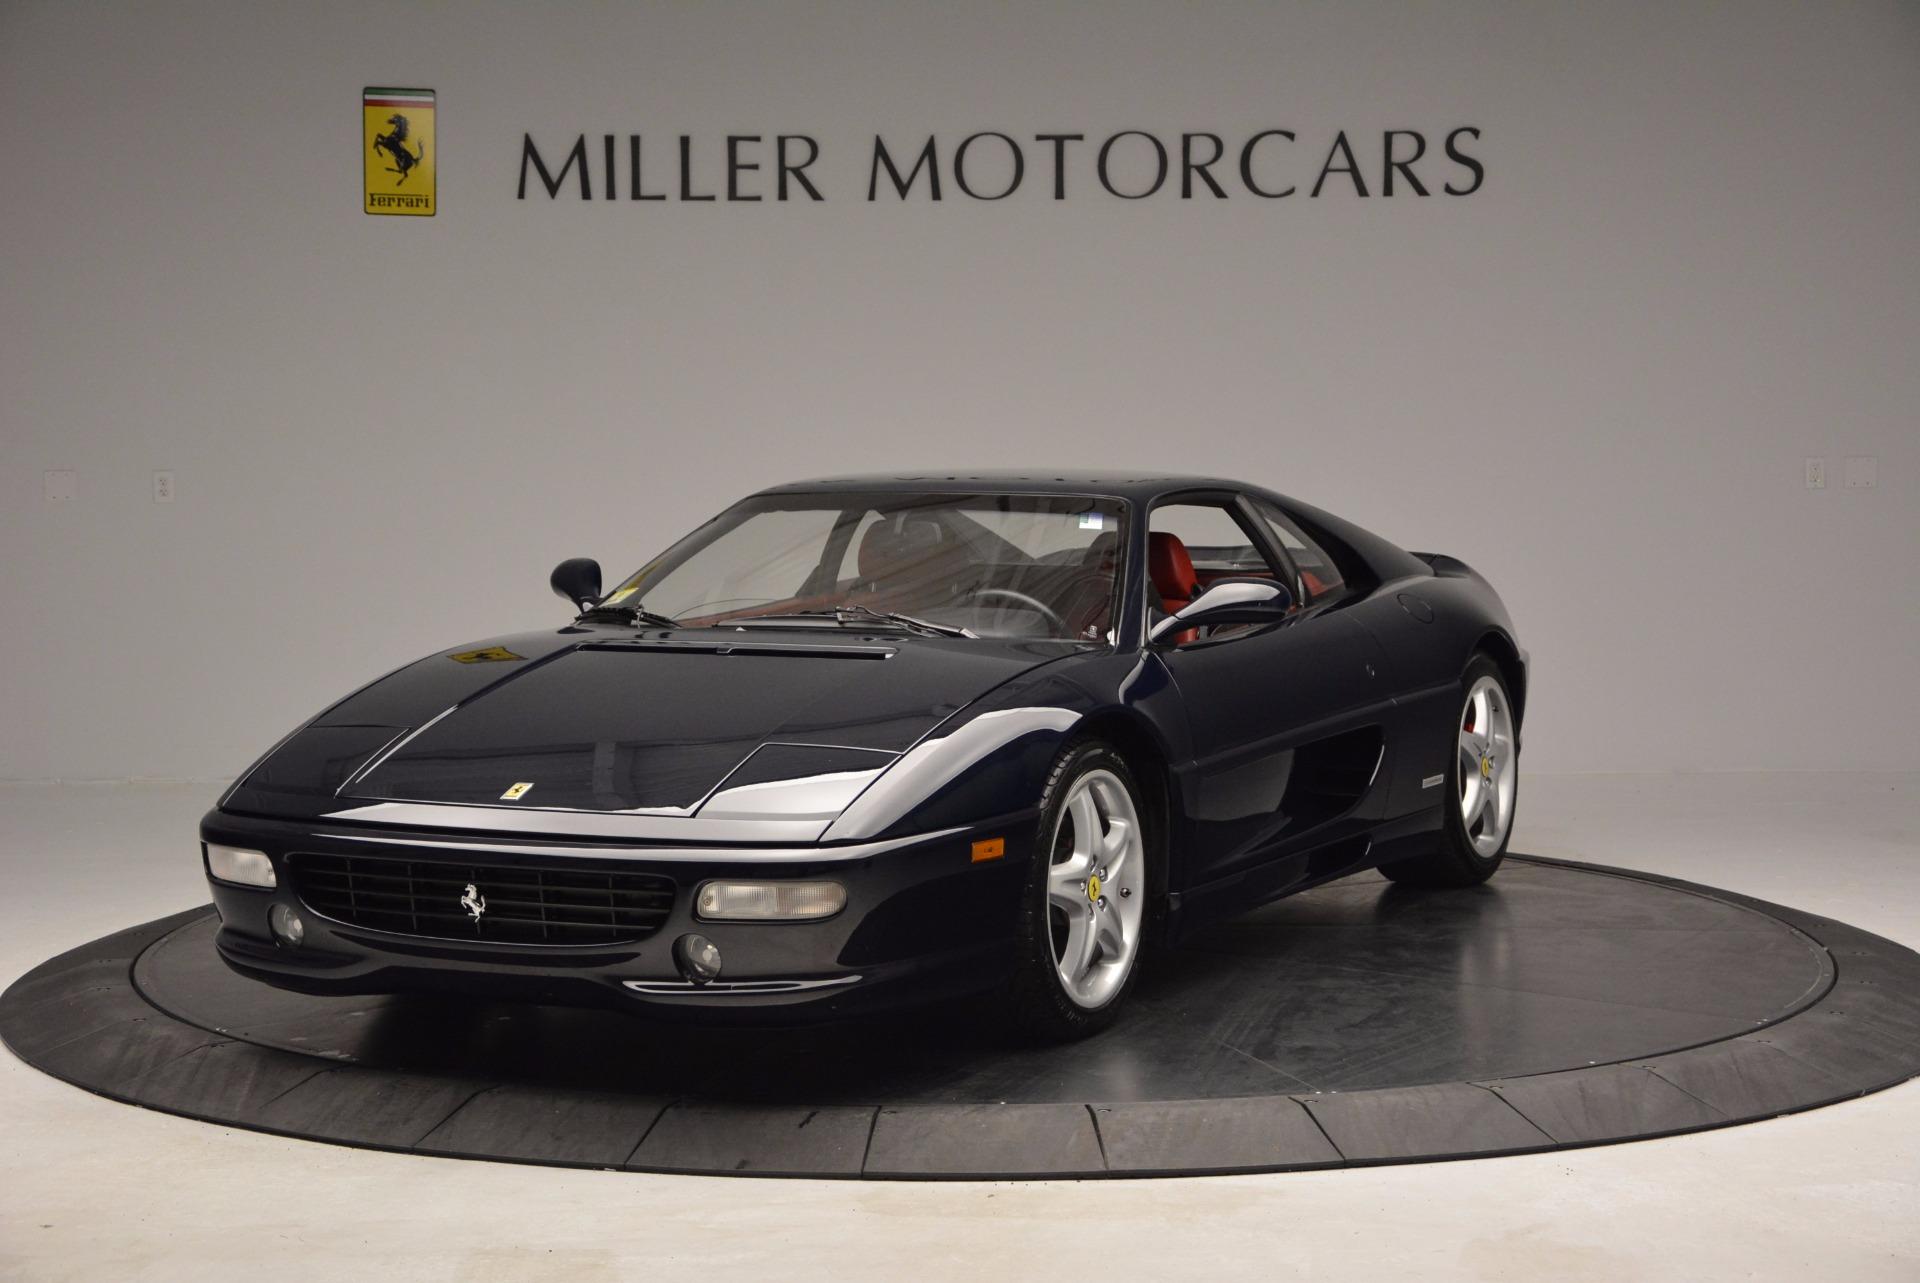 Used 1999 Ferrari 355 Berlinetta For Sale In Greenwich, CT. Alfa Romeo of Greenwich, 4357 855_main